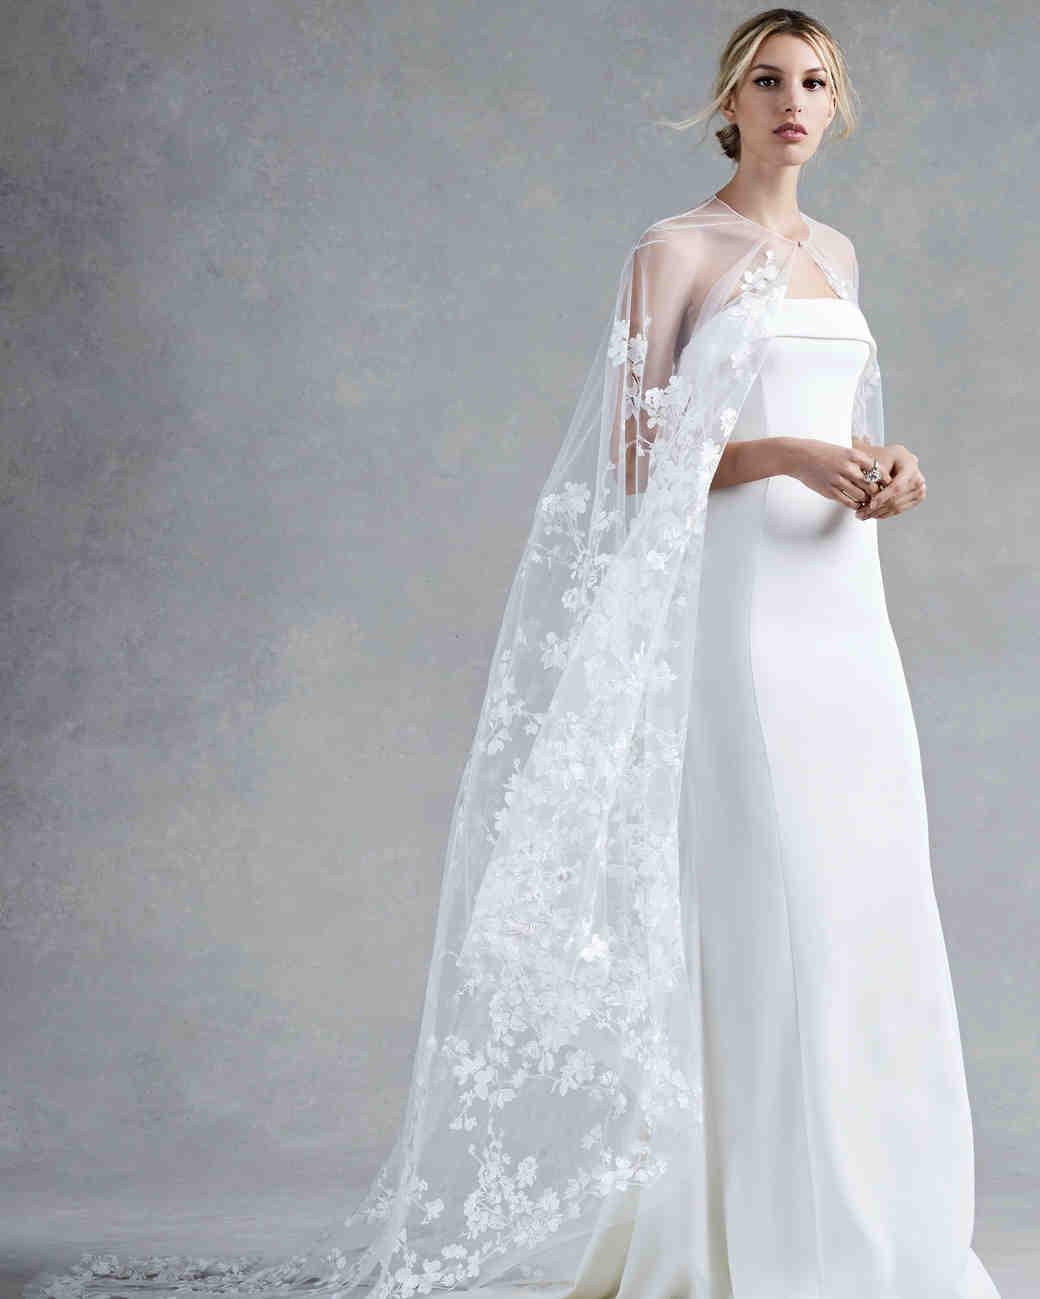 Wedding Gowns For Pregnant Brides 49 Luxury Oscar de la Renta